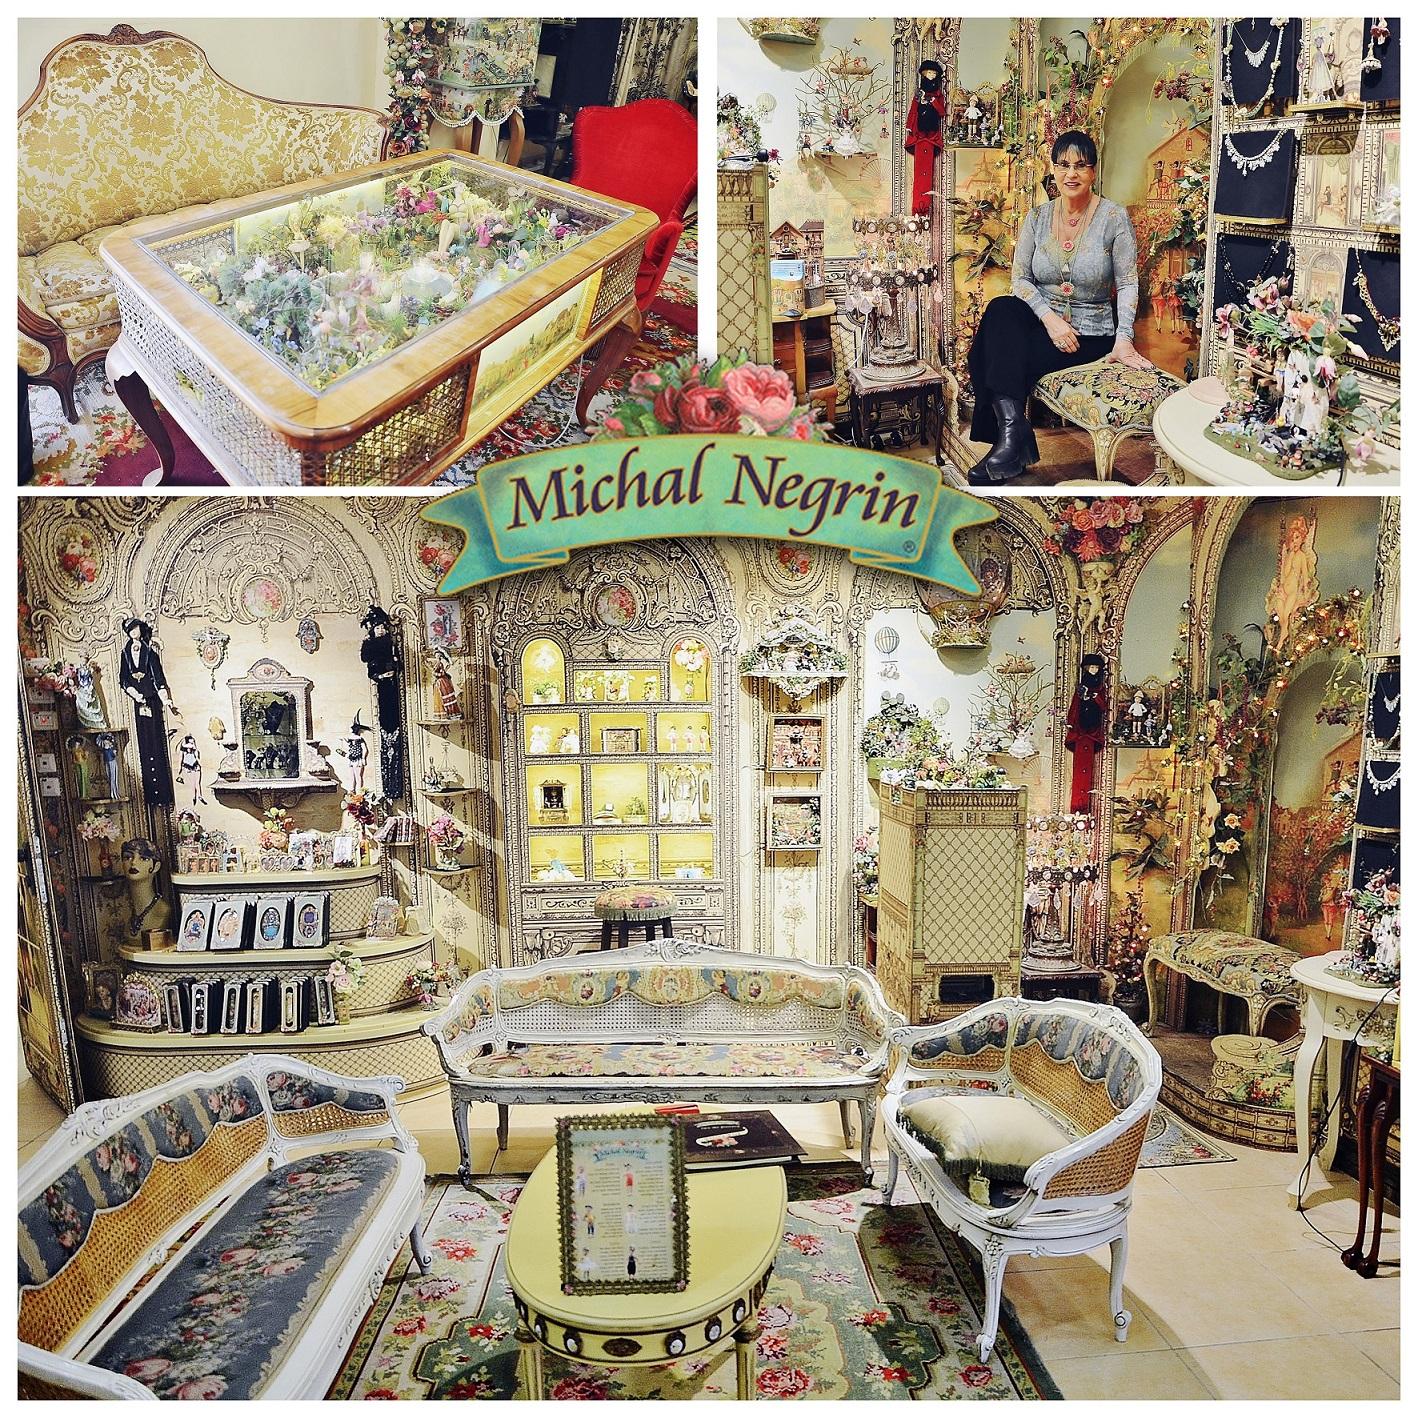 17 ноября в Бат-Яме! День клиента в галерее Michal Negrin, 25% скидки, угощение и встреча с Михаль.